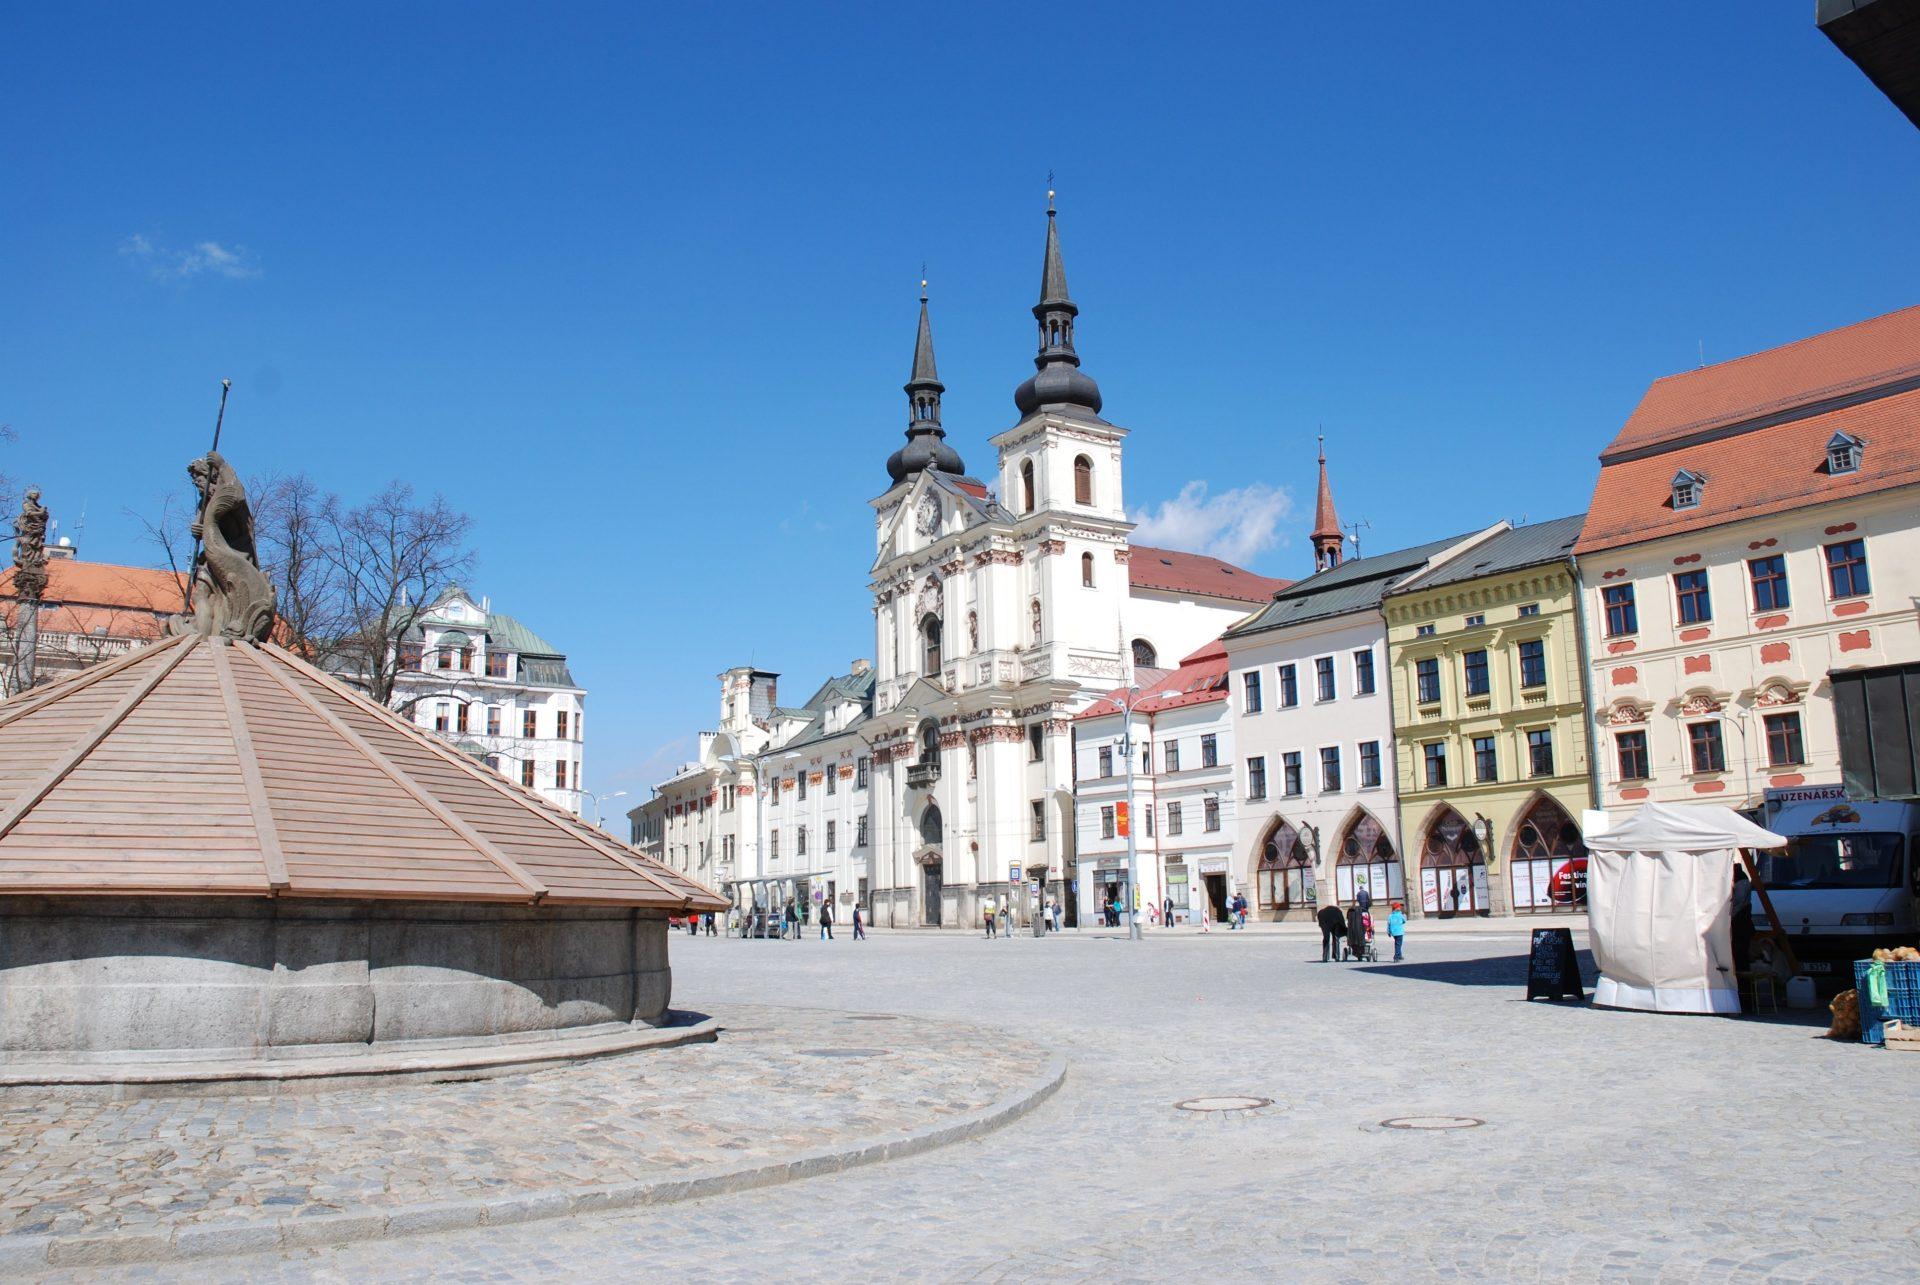 Собор Святого Игнатия, Йиглава, Чехия. Апрель, 2011